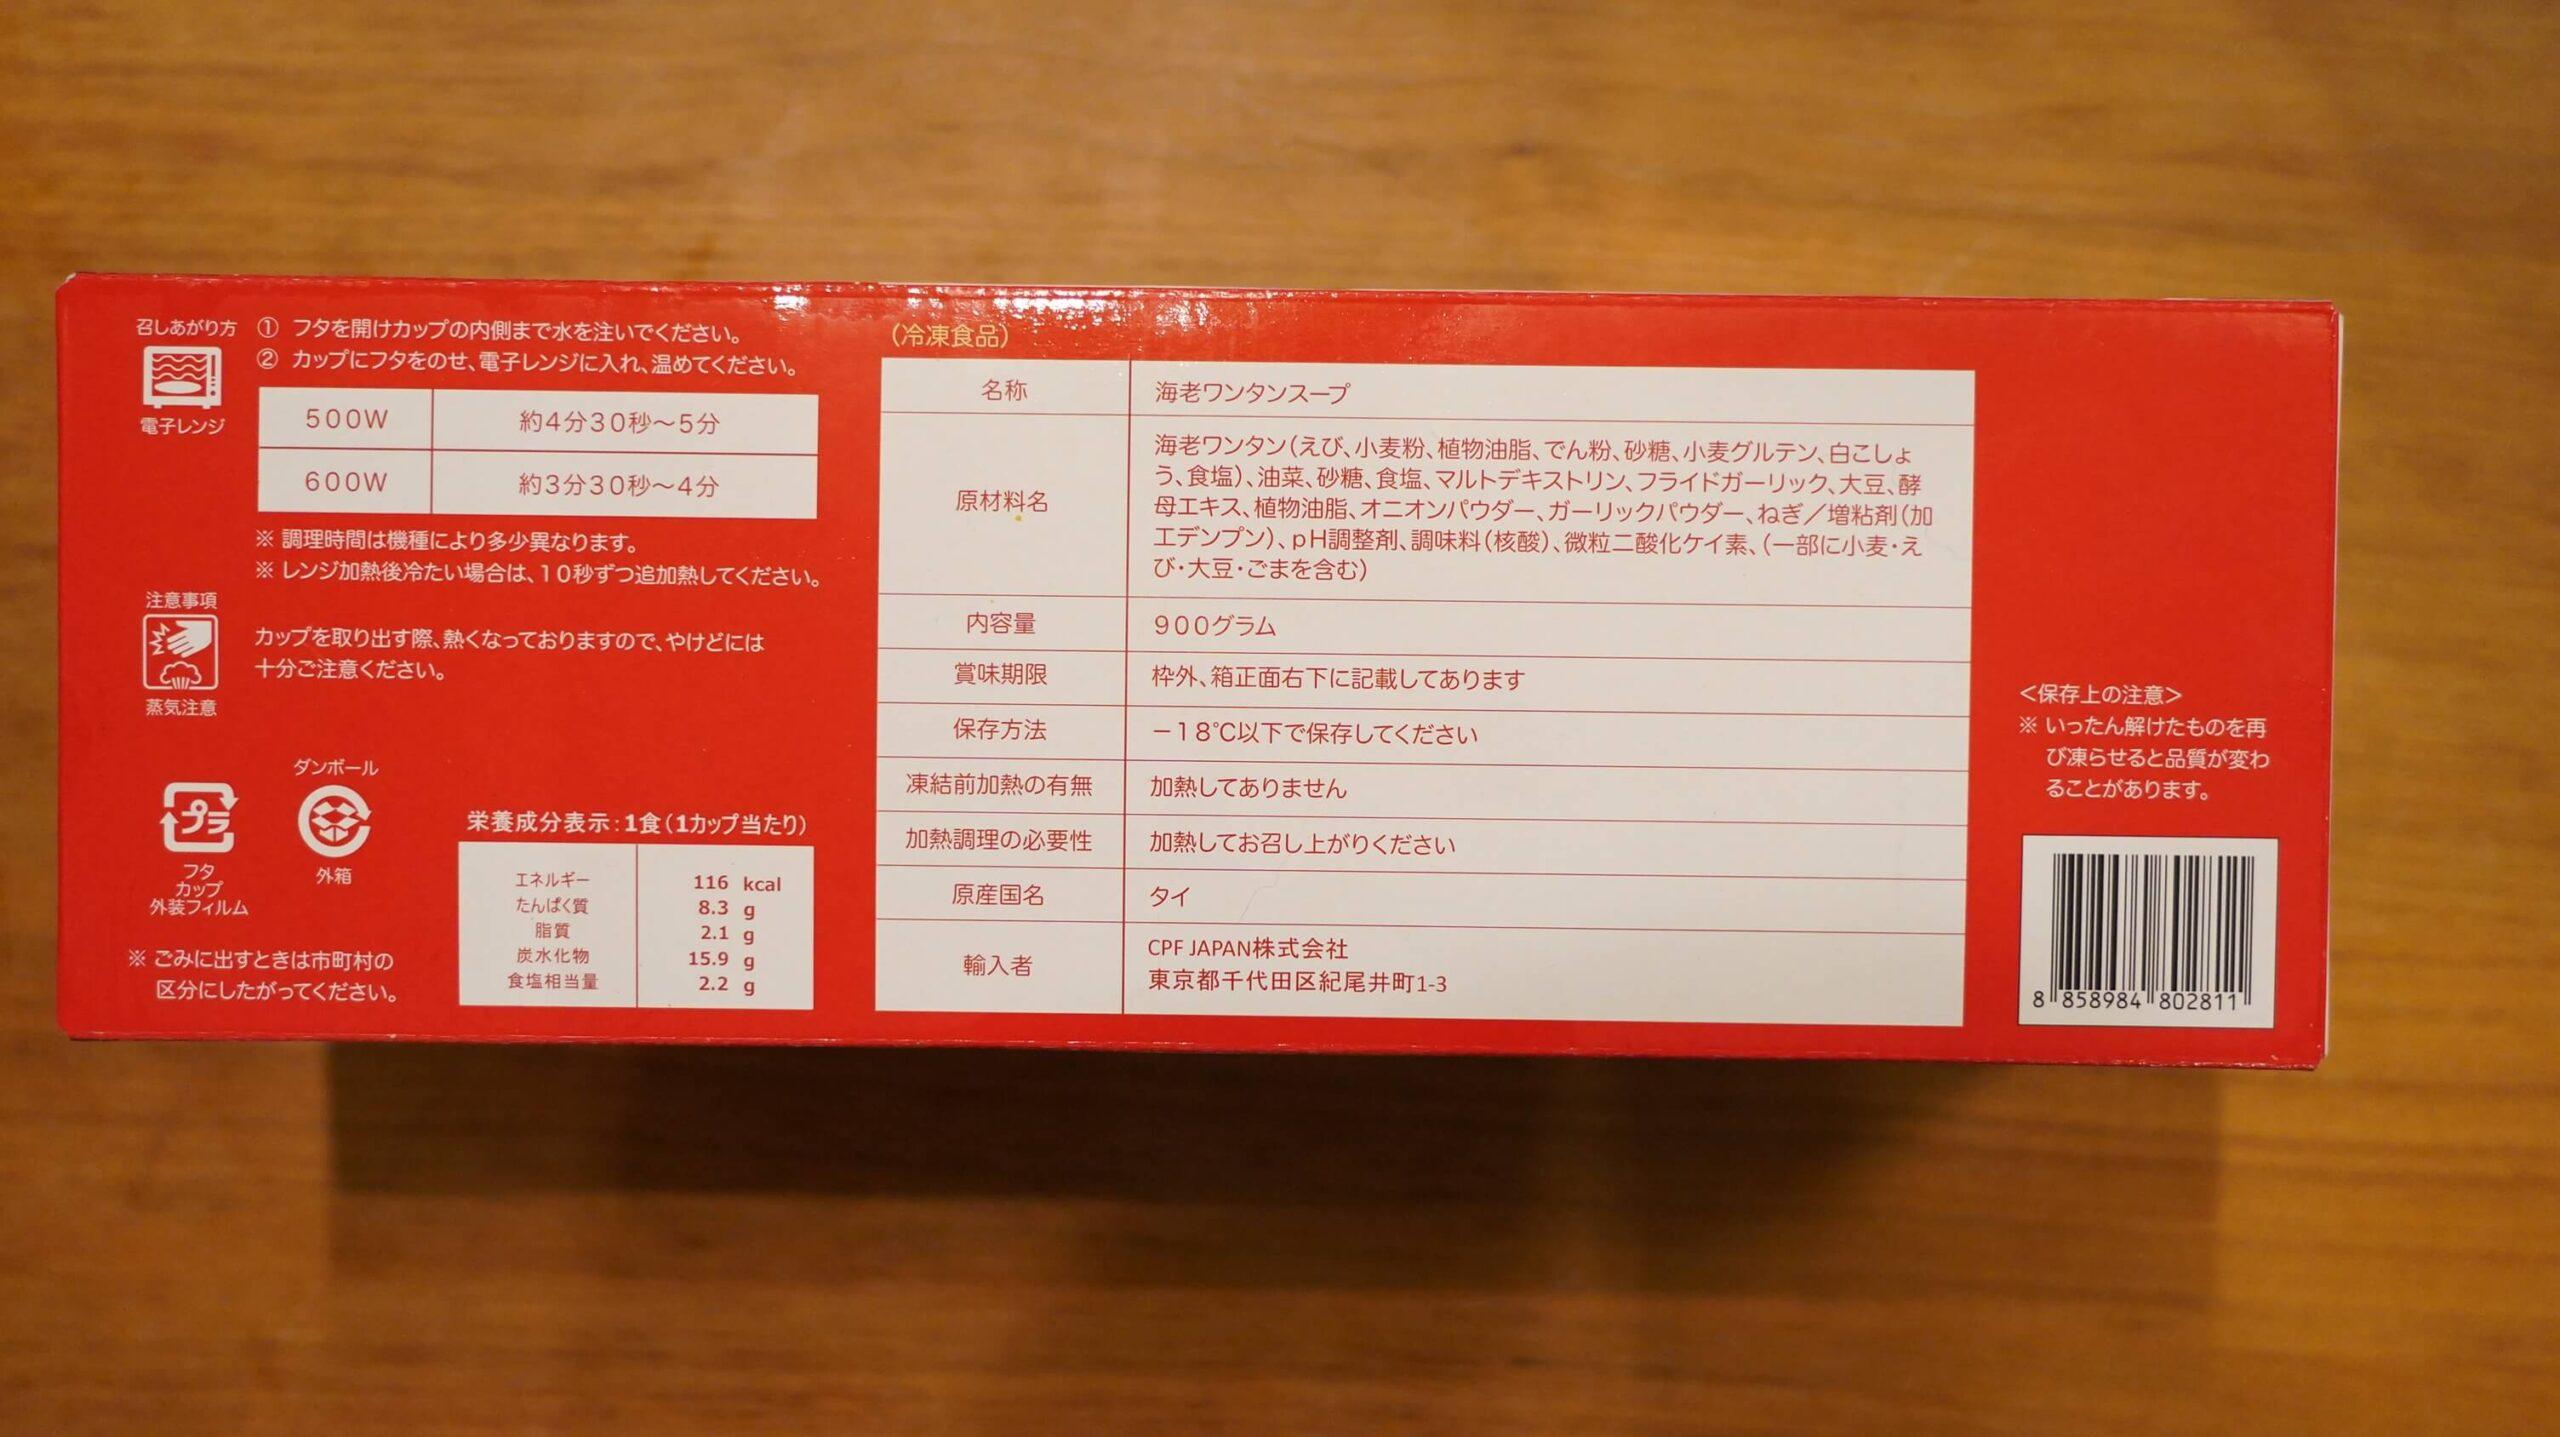 コストコの冷凍食品「海老ワンタンスープ」のパッケージ裏面の写真